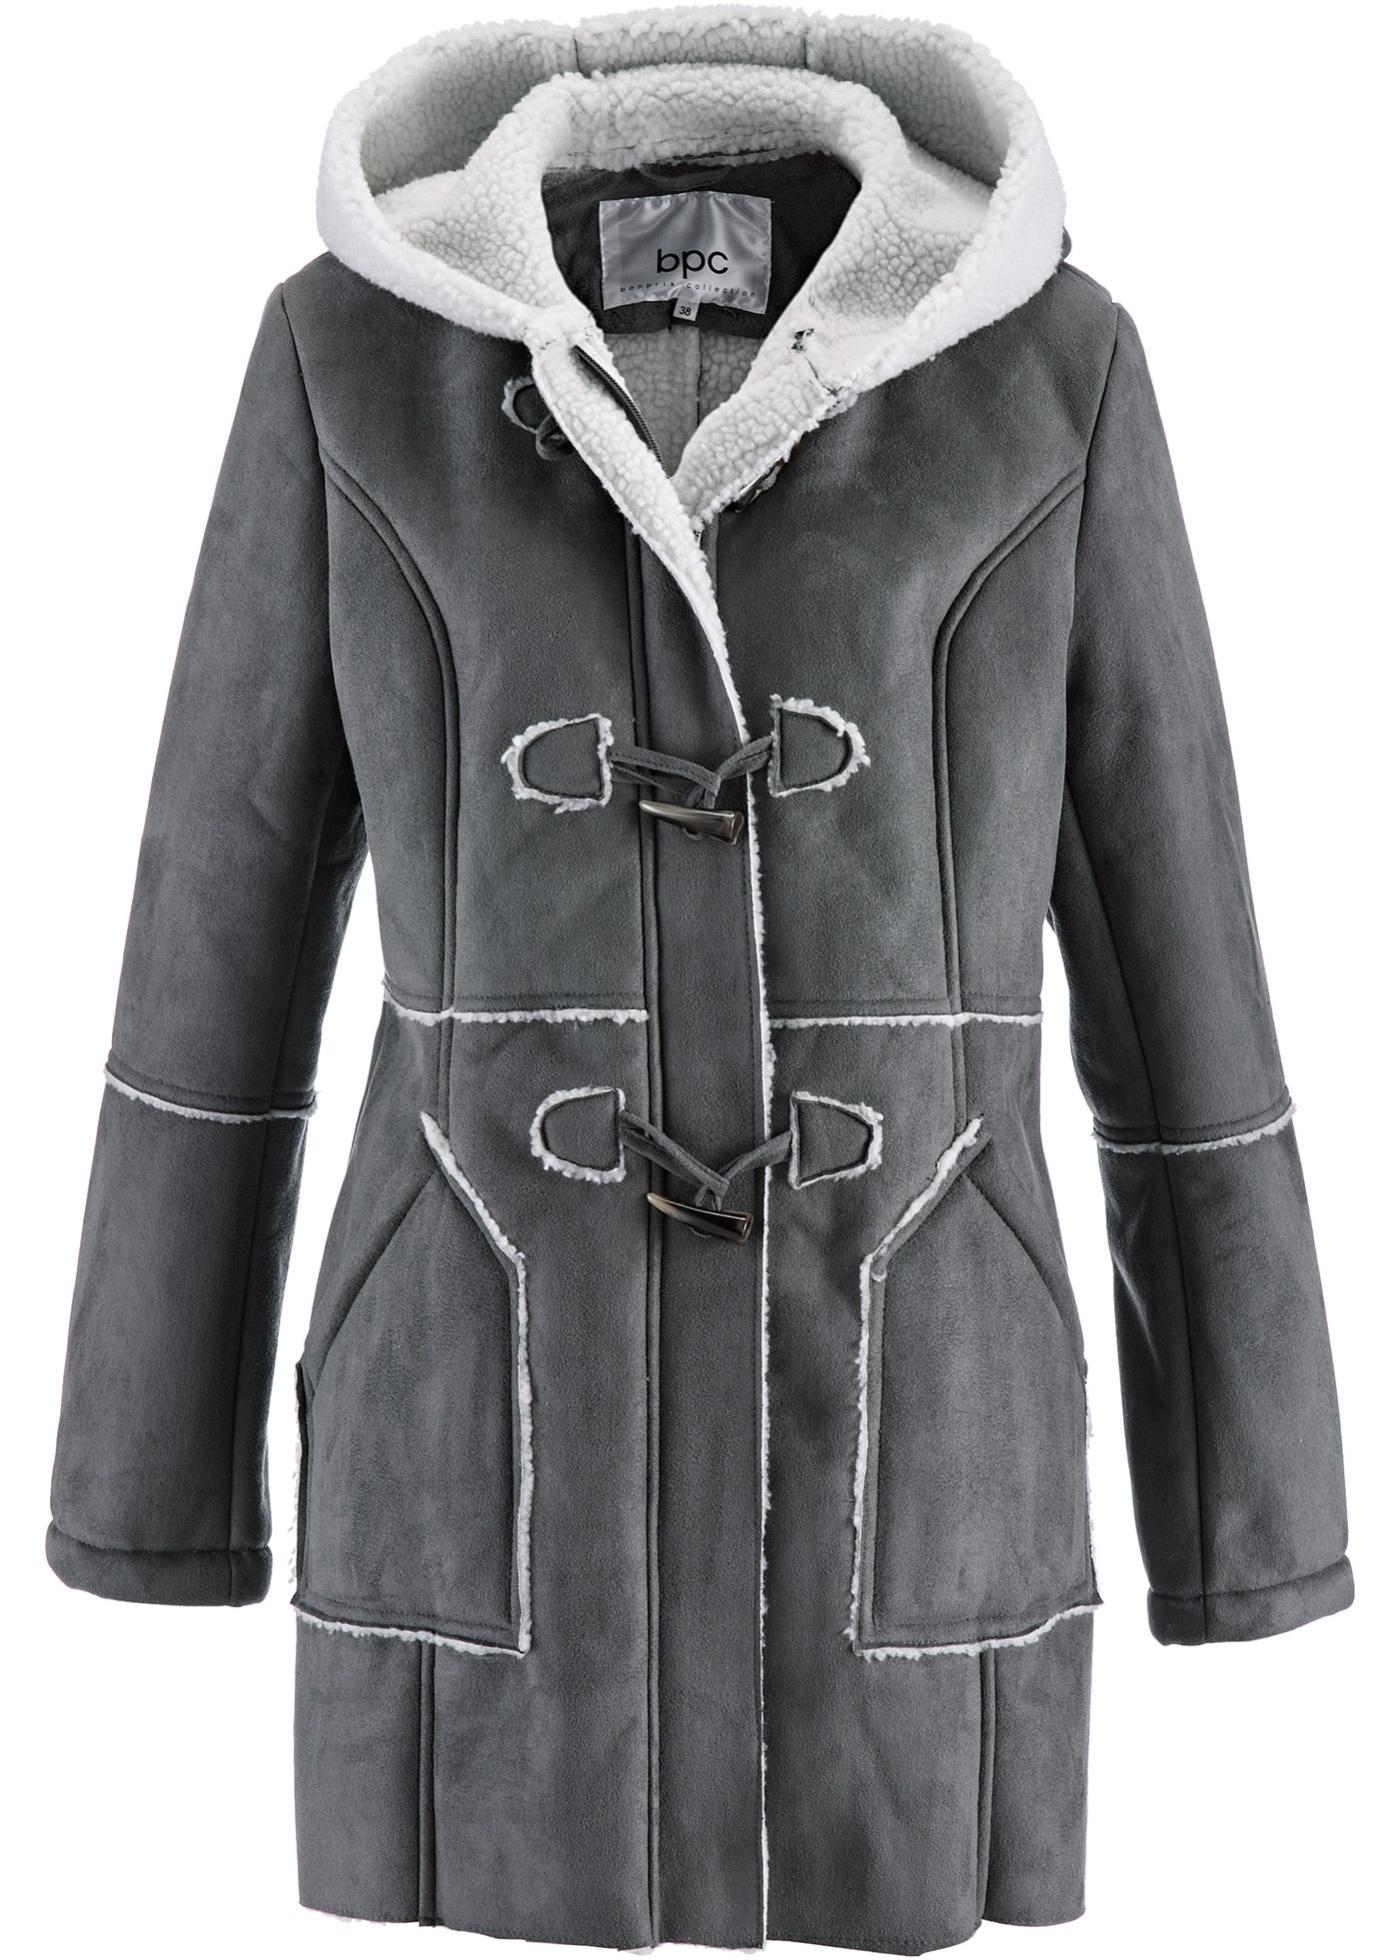 bpc bonprix collection Duffle-Coat langarm  in grau für Damen von bonprix